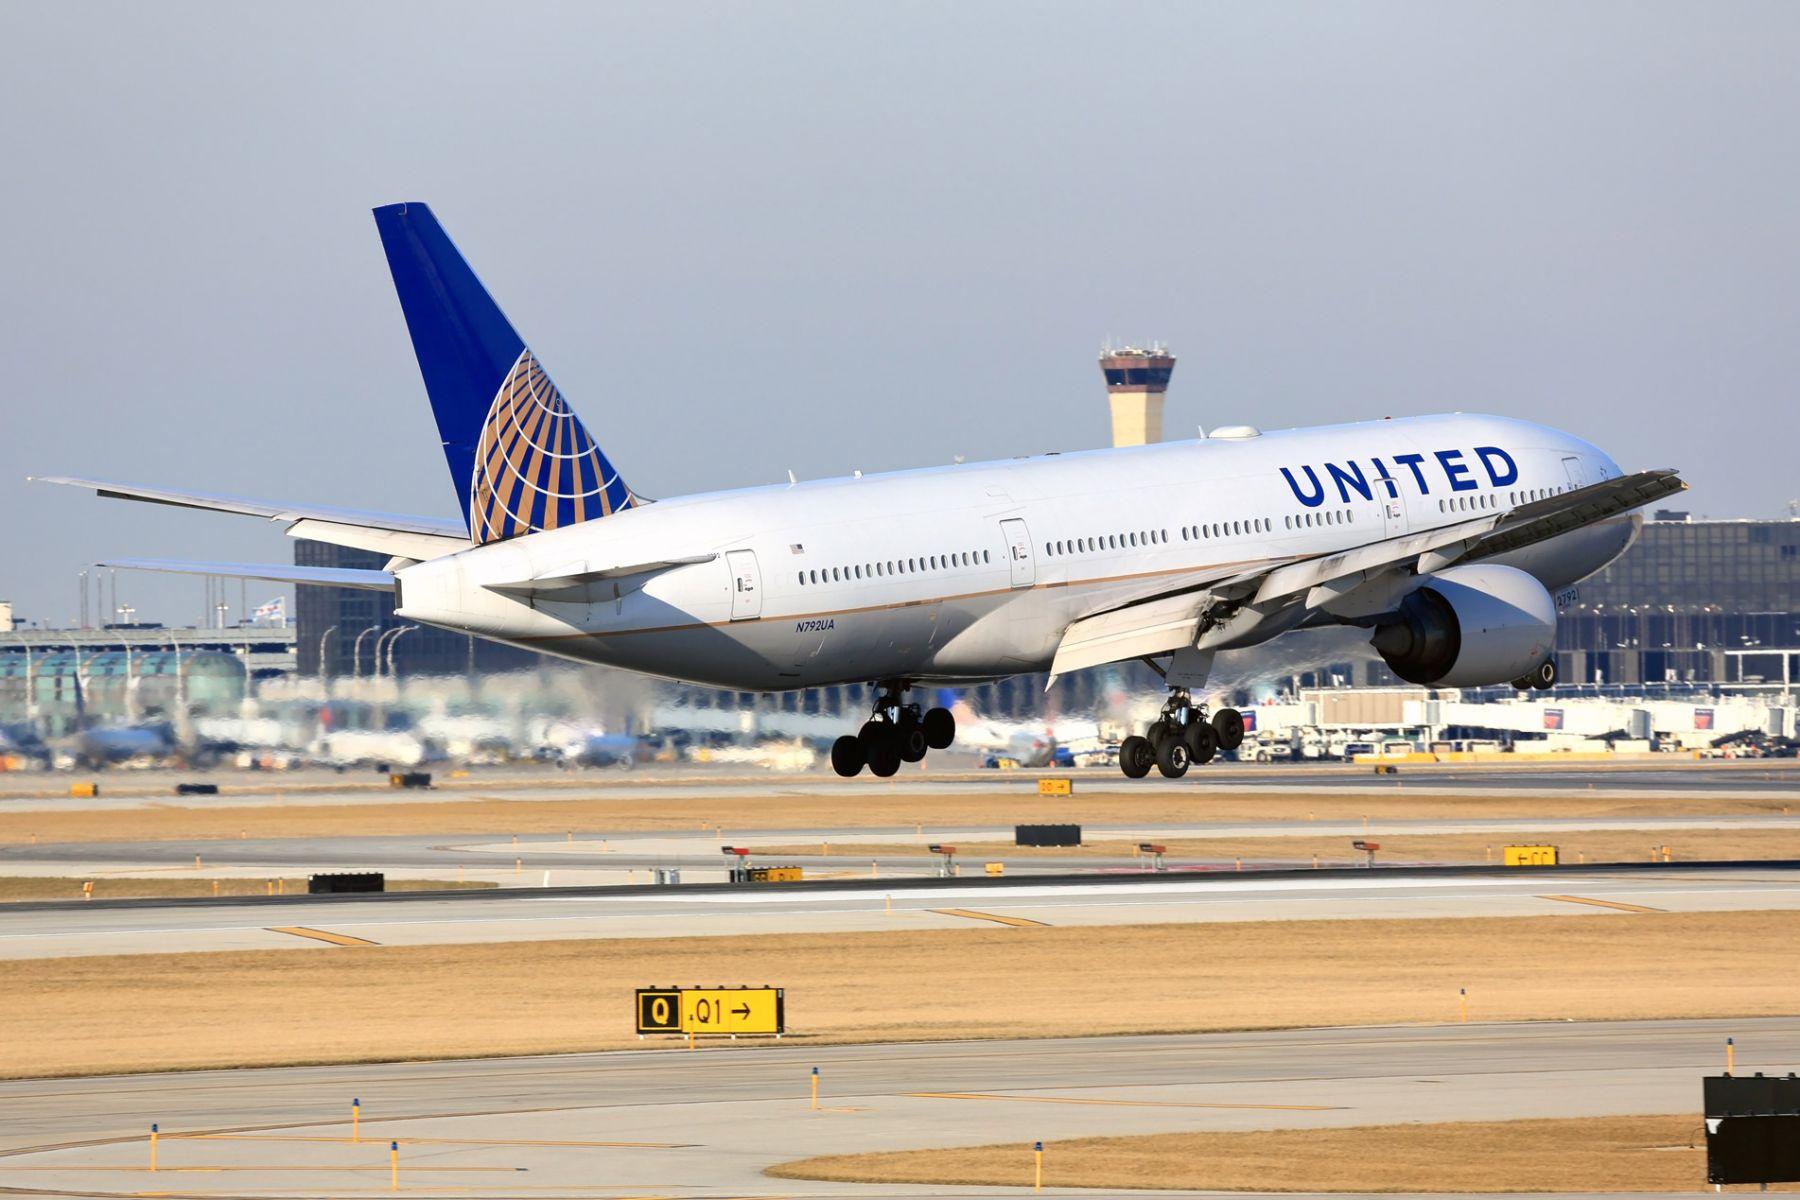 聯合航空:近百年企業的學習之旅